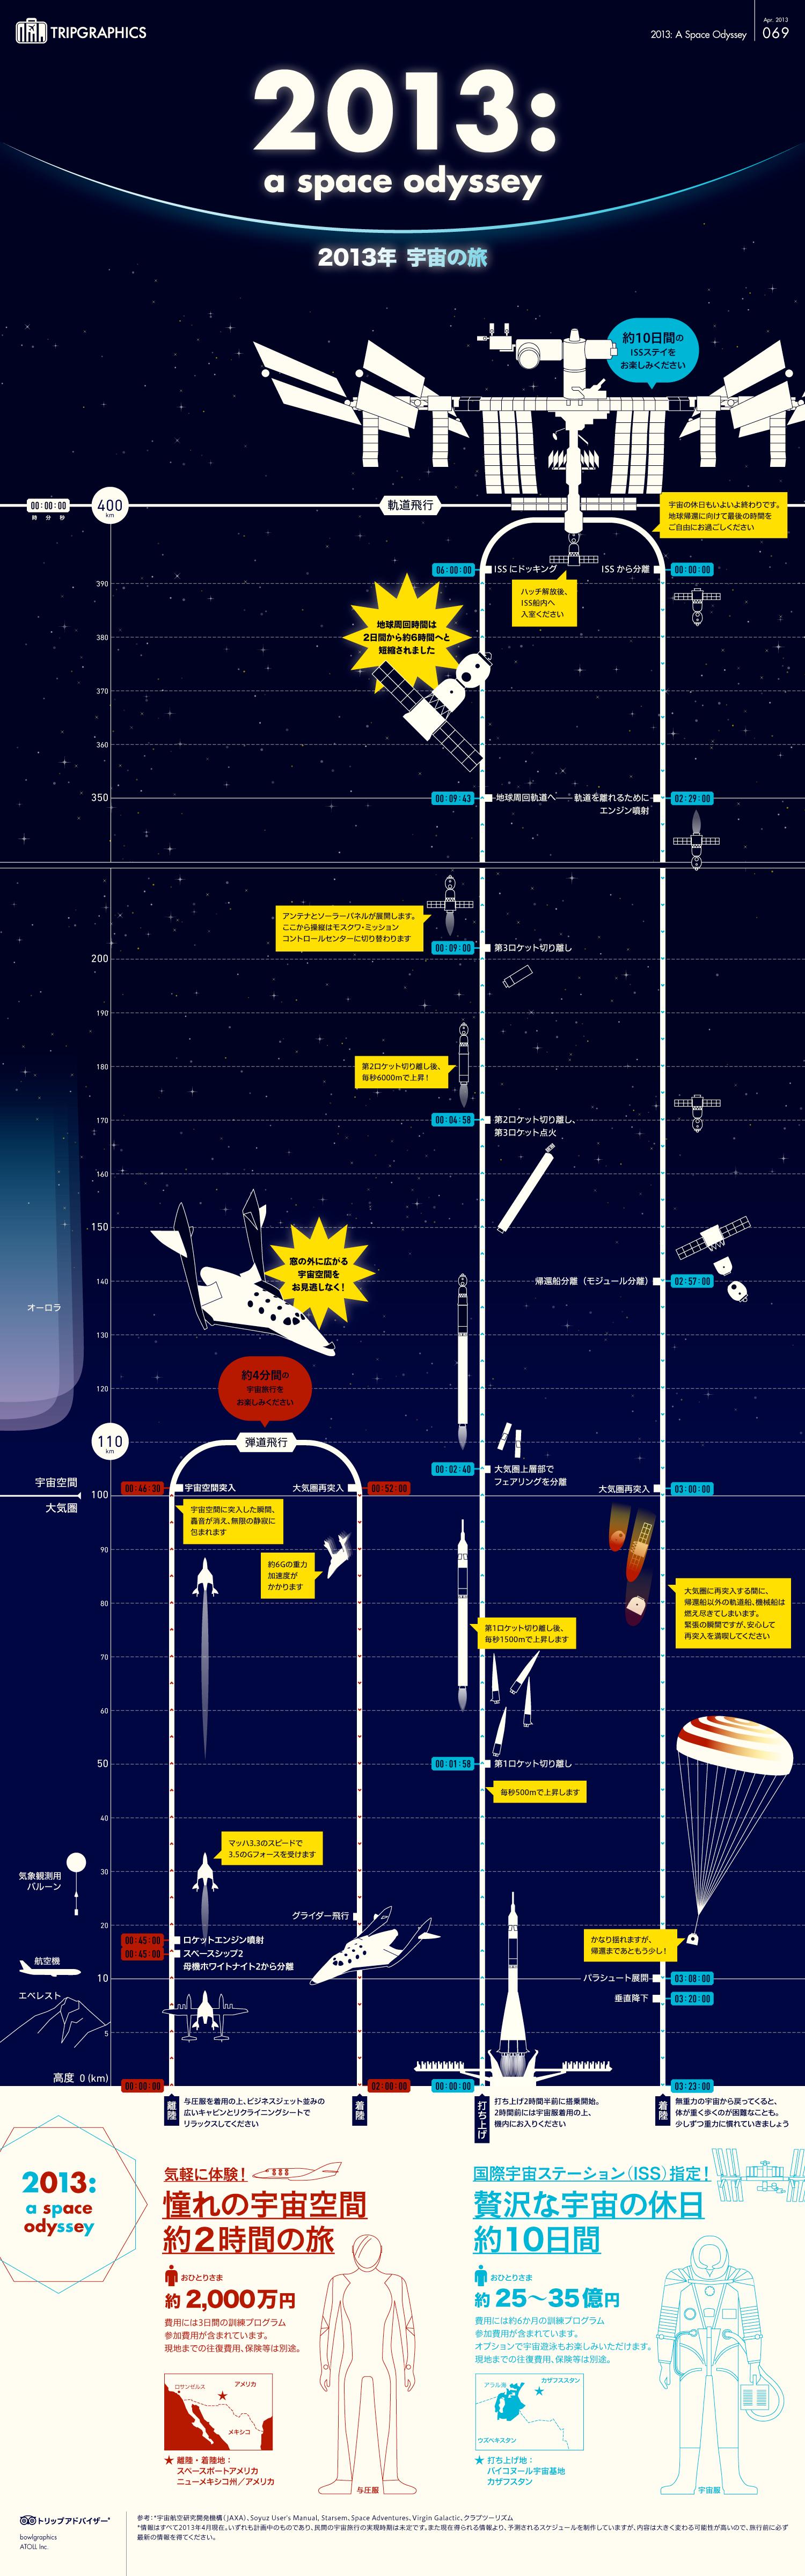 インフォグラフィック:宇宙旅行にかかる費用と滞在時間。値段は4分間で2500万円が目安